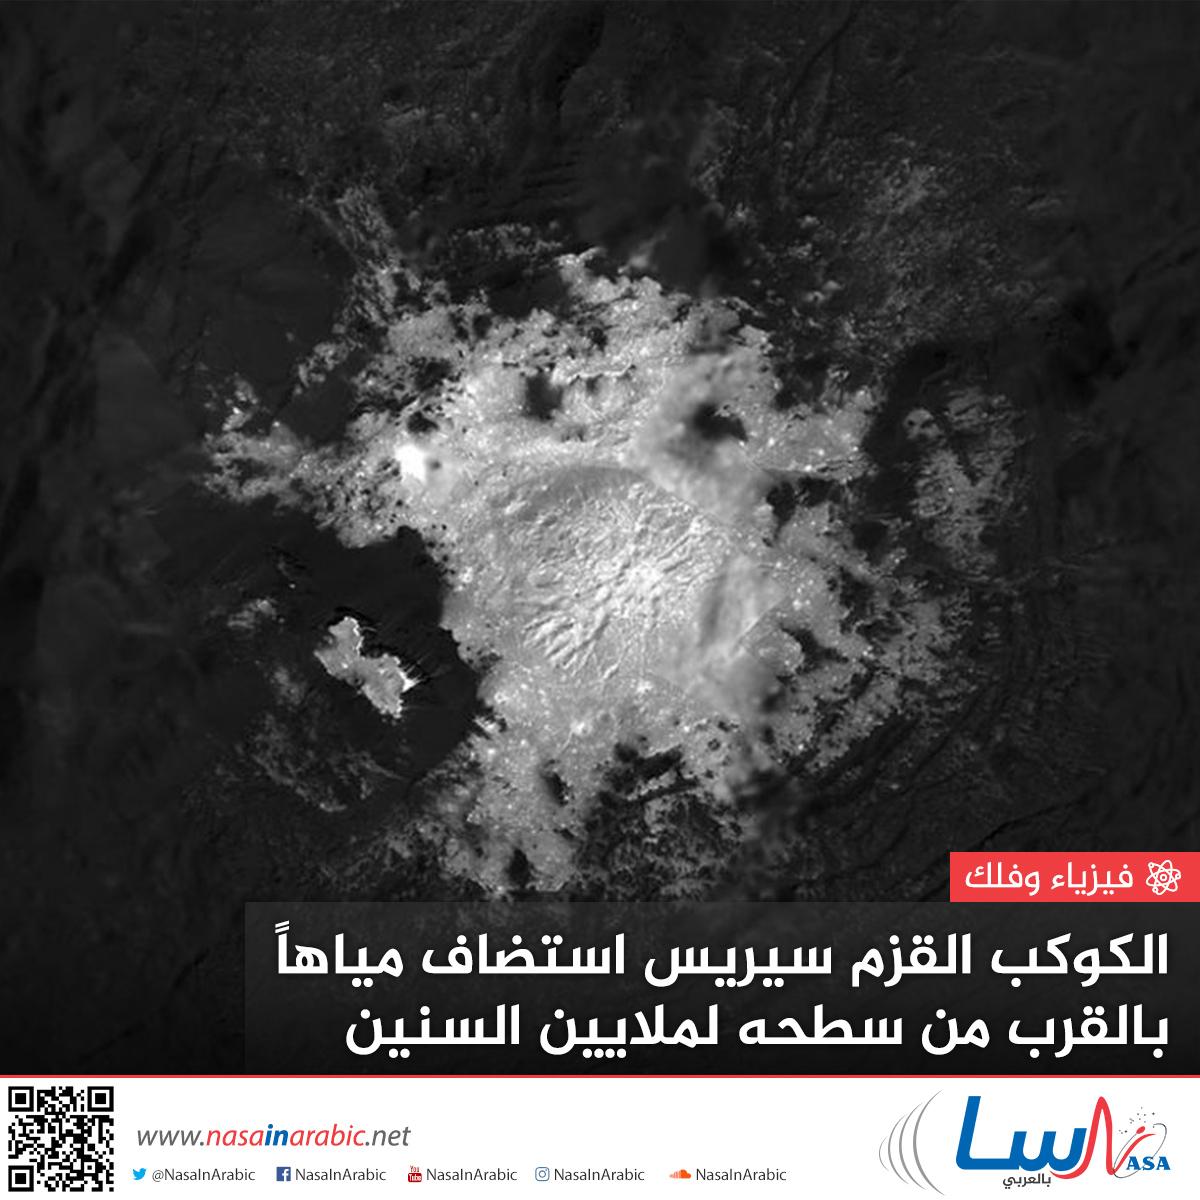 الكوكب القزم سيريس استضاف ماءً بالقرب من سطحه لملايين السنين